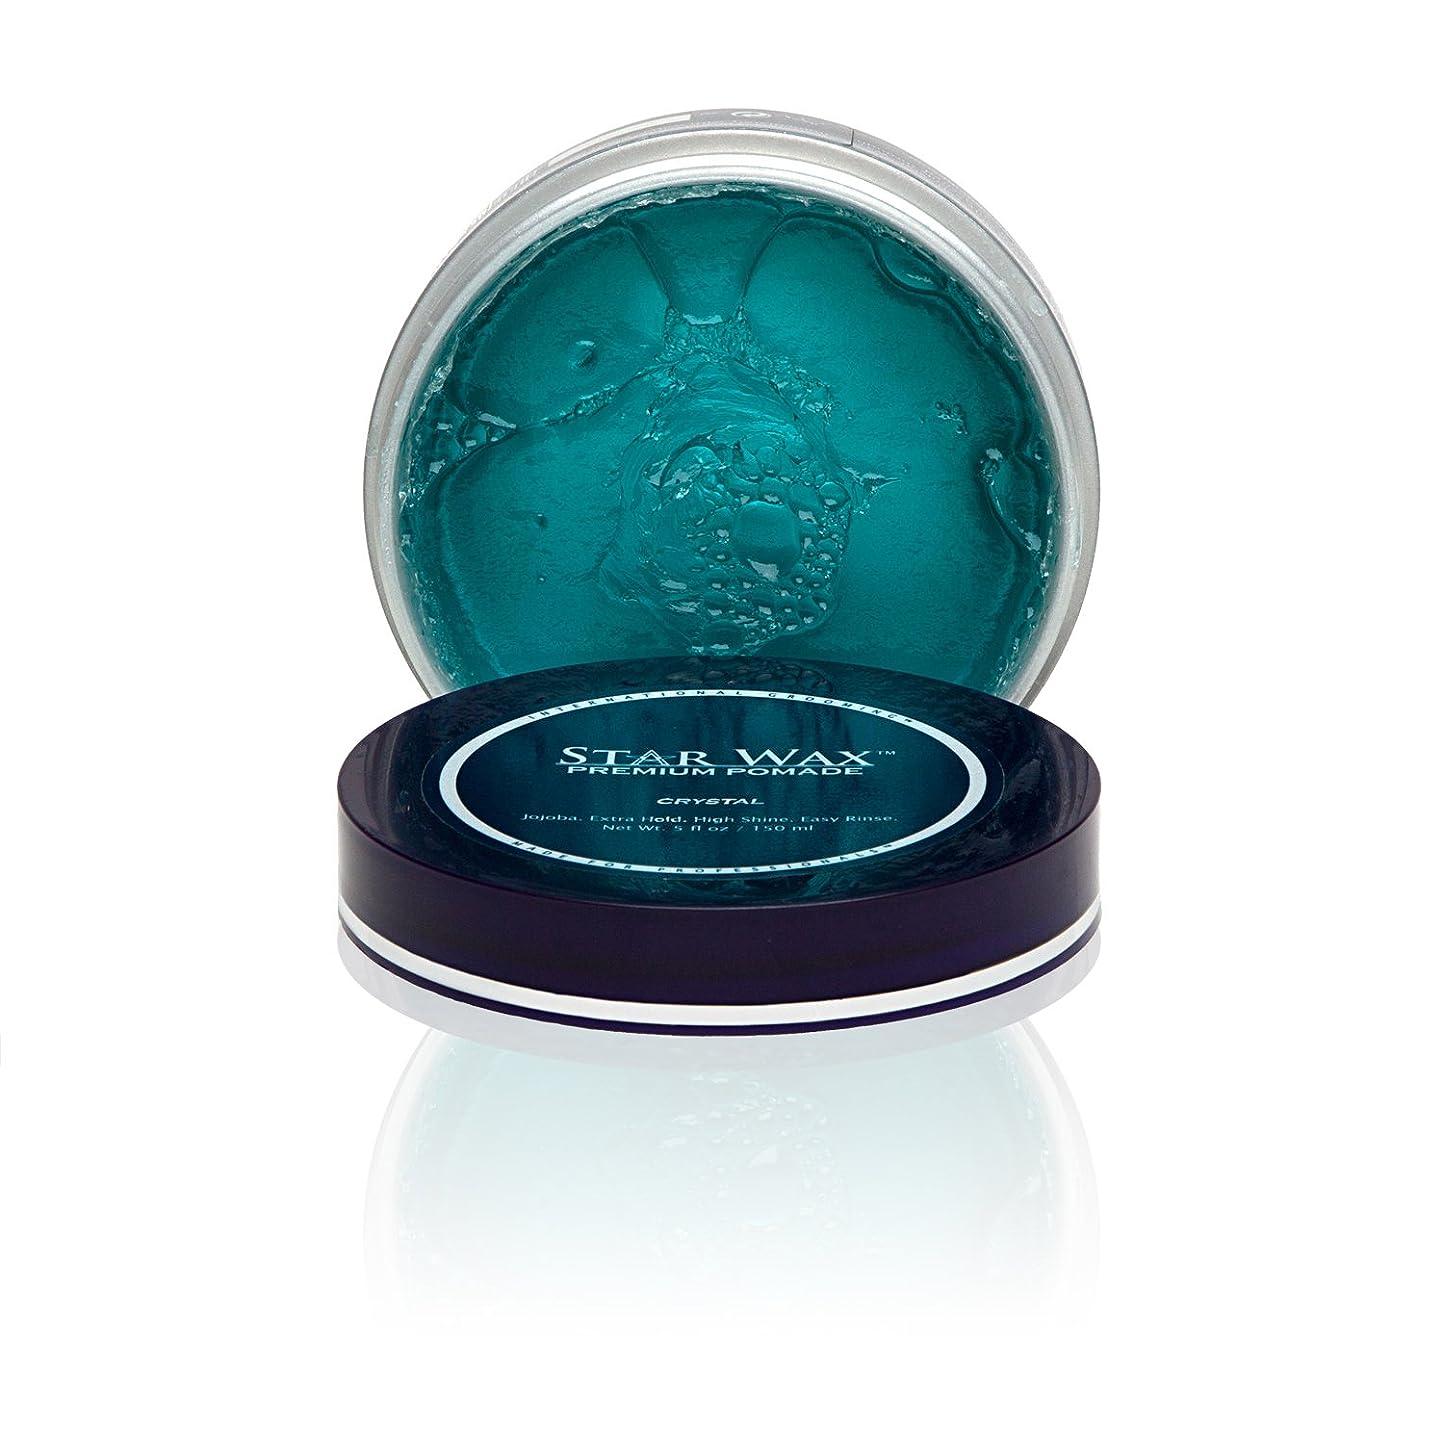 ブリリアント詳細に模索Star Wax | Premium Pomade, Crystal(スターワックスプレミアム ポマード「クリスタル」)?Star Pro Line(スタープロライン)製?5(液量)オンス/150ml